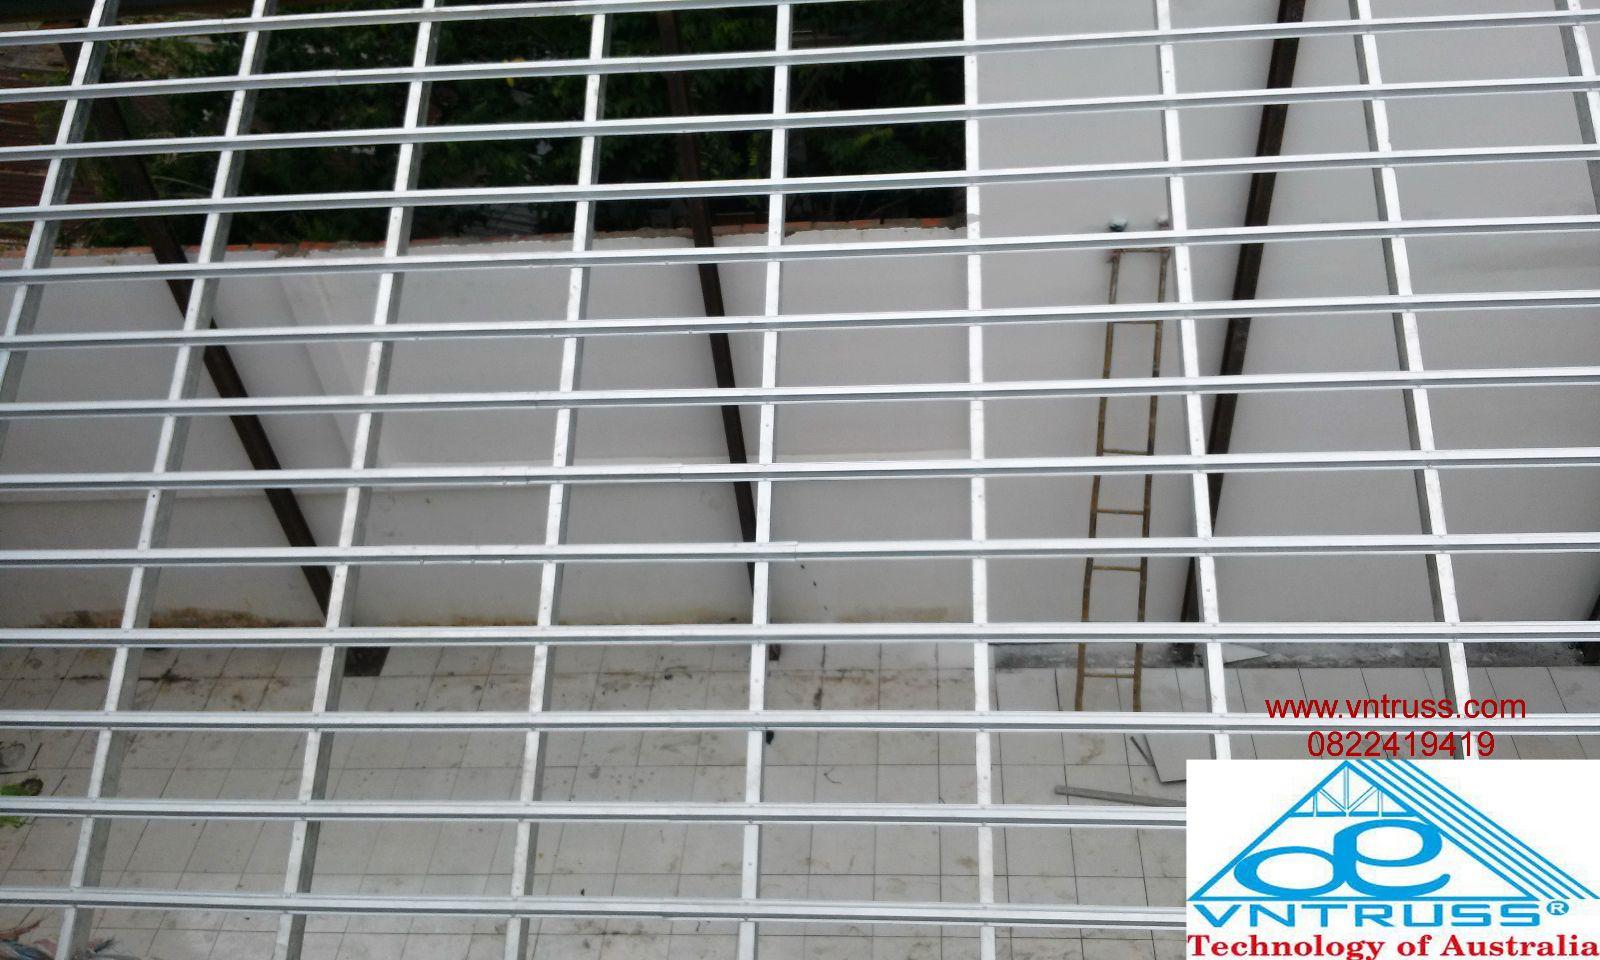 thi công khung kèo xà gồ thép mạ nhôm kẽm siêu nhẹ cho kết cấu mái lợp ngói VNTRUSS